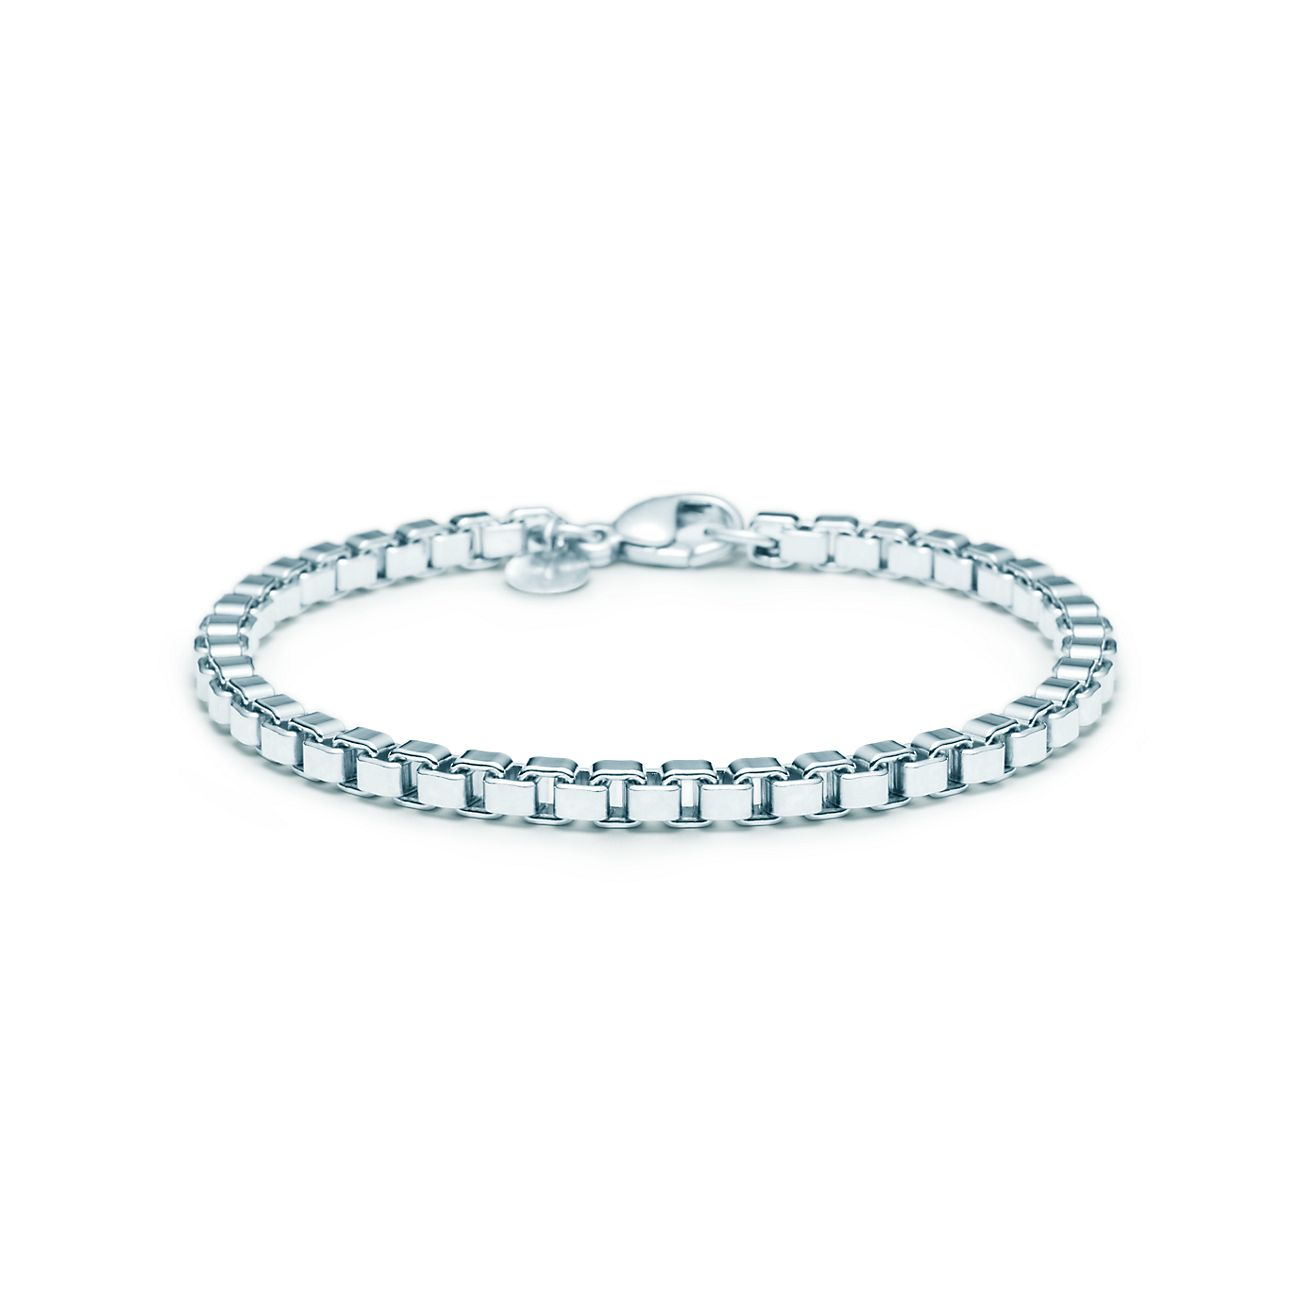 co sterling silver venetian link bracelet 7 5